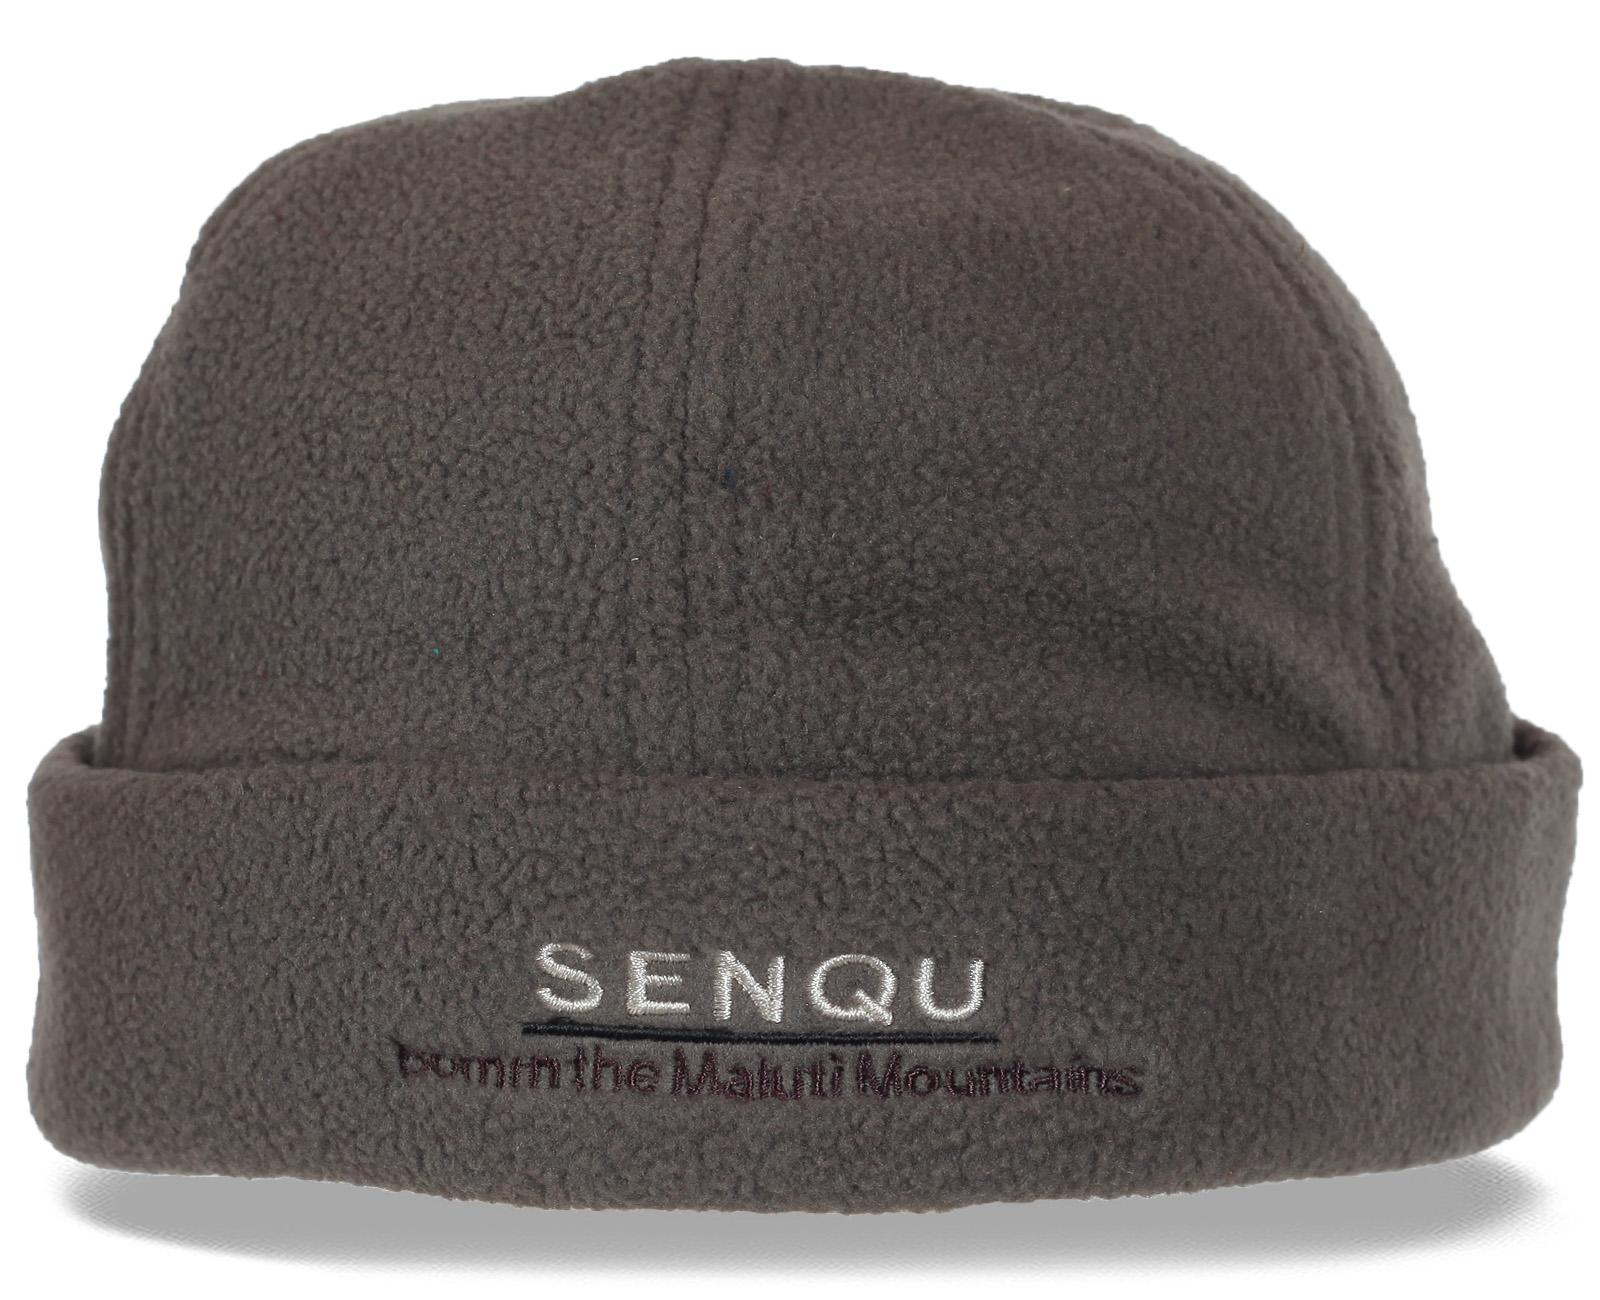 Уютная флисовая мужская шапка с отворотом SENQU. Долго не раздумывайте, покупайте, будьте уверены – теперь Вы точно не замерзнете!